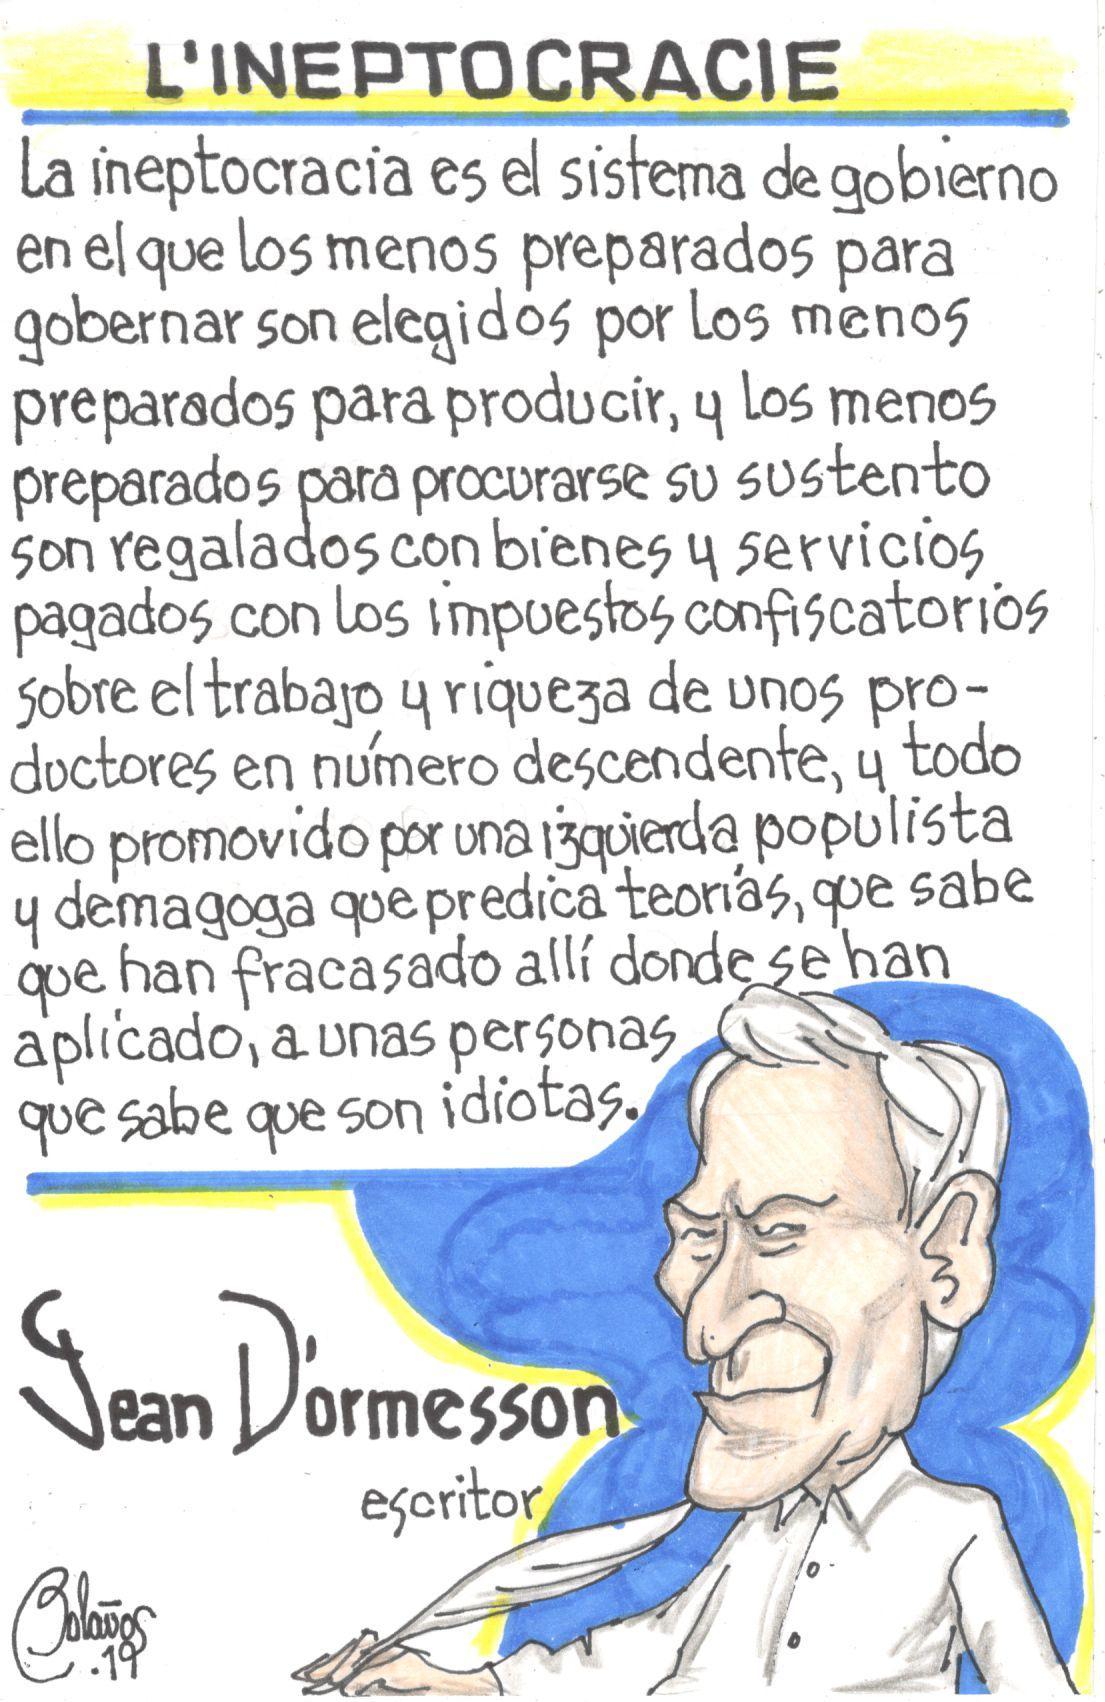 L´Ineptocracie | El Imparcial de Oaxaca